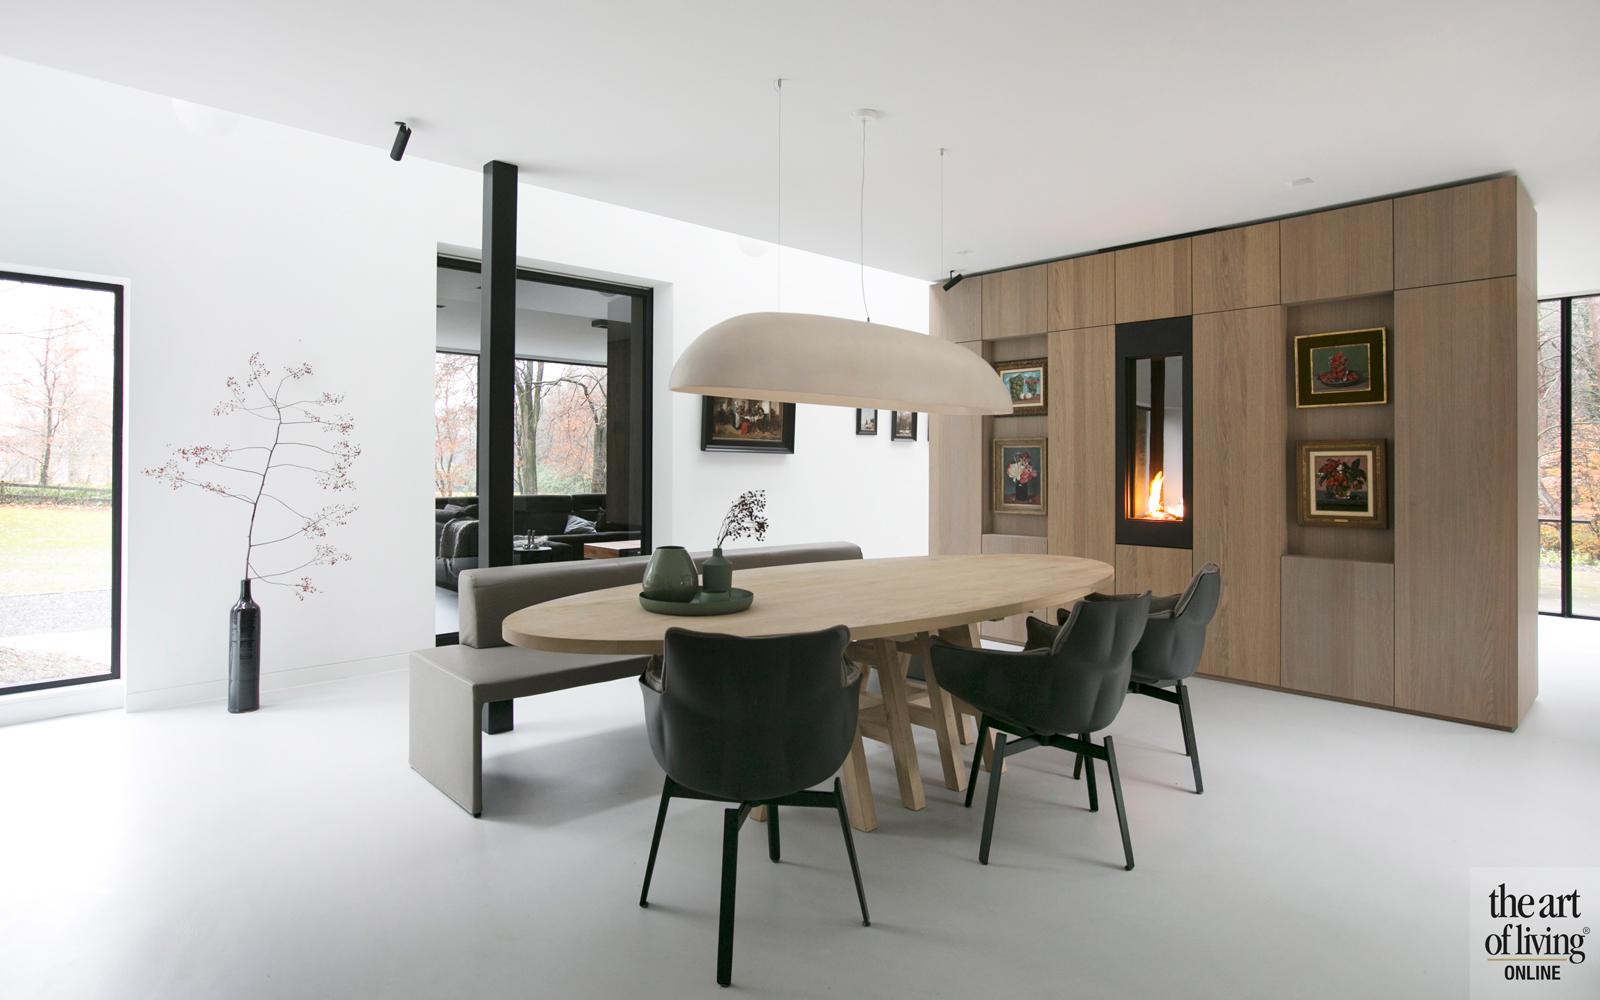 Strak interieur, Studio Kap, Berk, Moderne villa, Natuurlijke omgeving, Stalen deuren